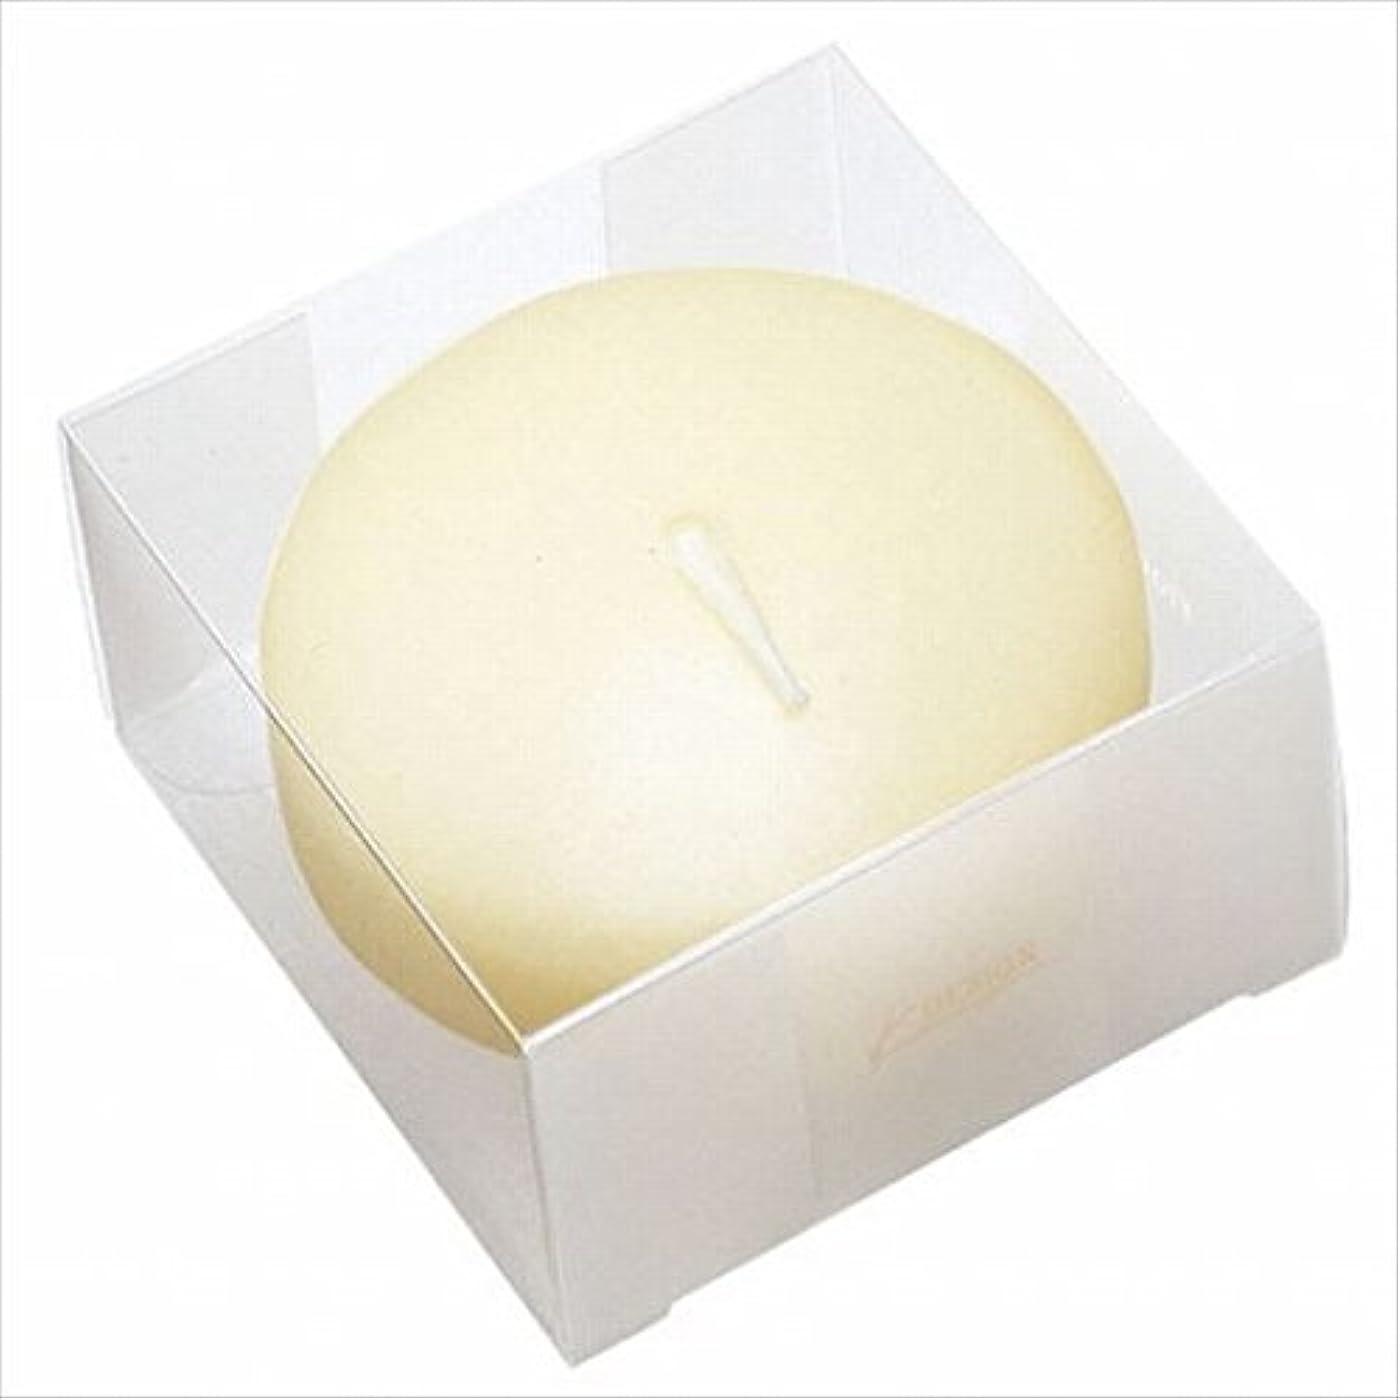 スカルクくるくる乱気流カメヤマキャンドル( kameyama candle ) プール80 (箱入り) 「 アイボリー 」 キャンドル